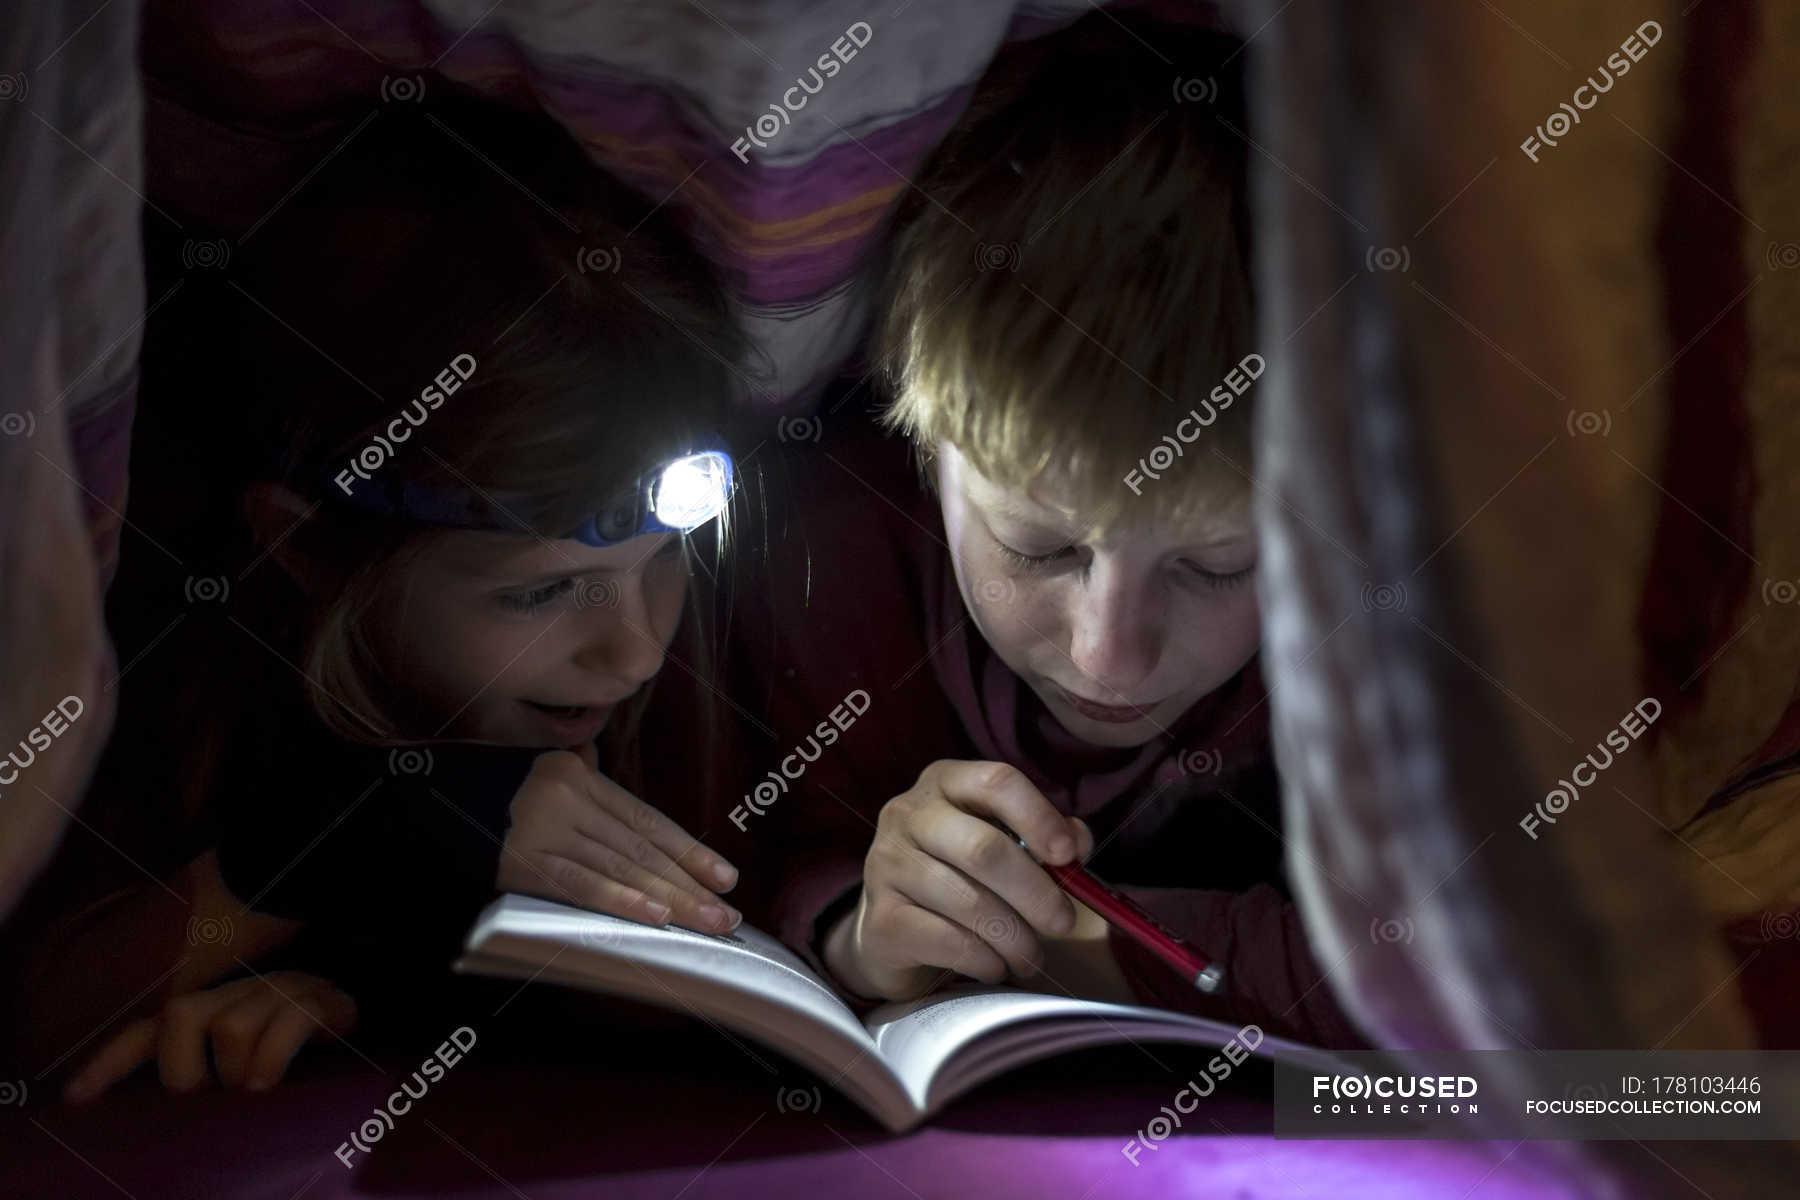 Сестра читала книгу а брат начал приставать, Сестра пристаёт к брату -видео. Смотреть Сестра 10 фотография